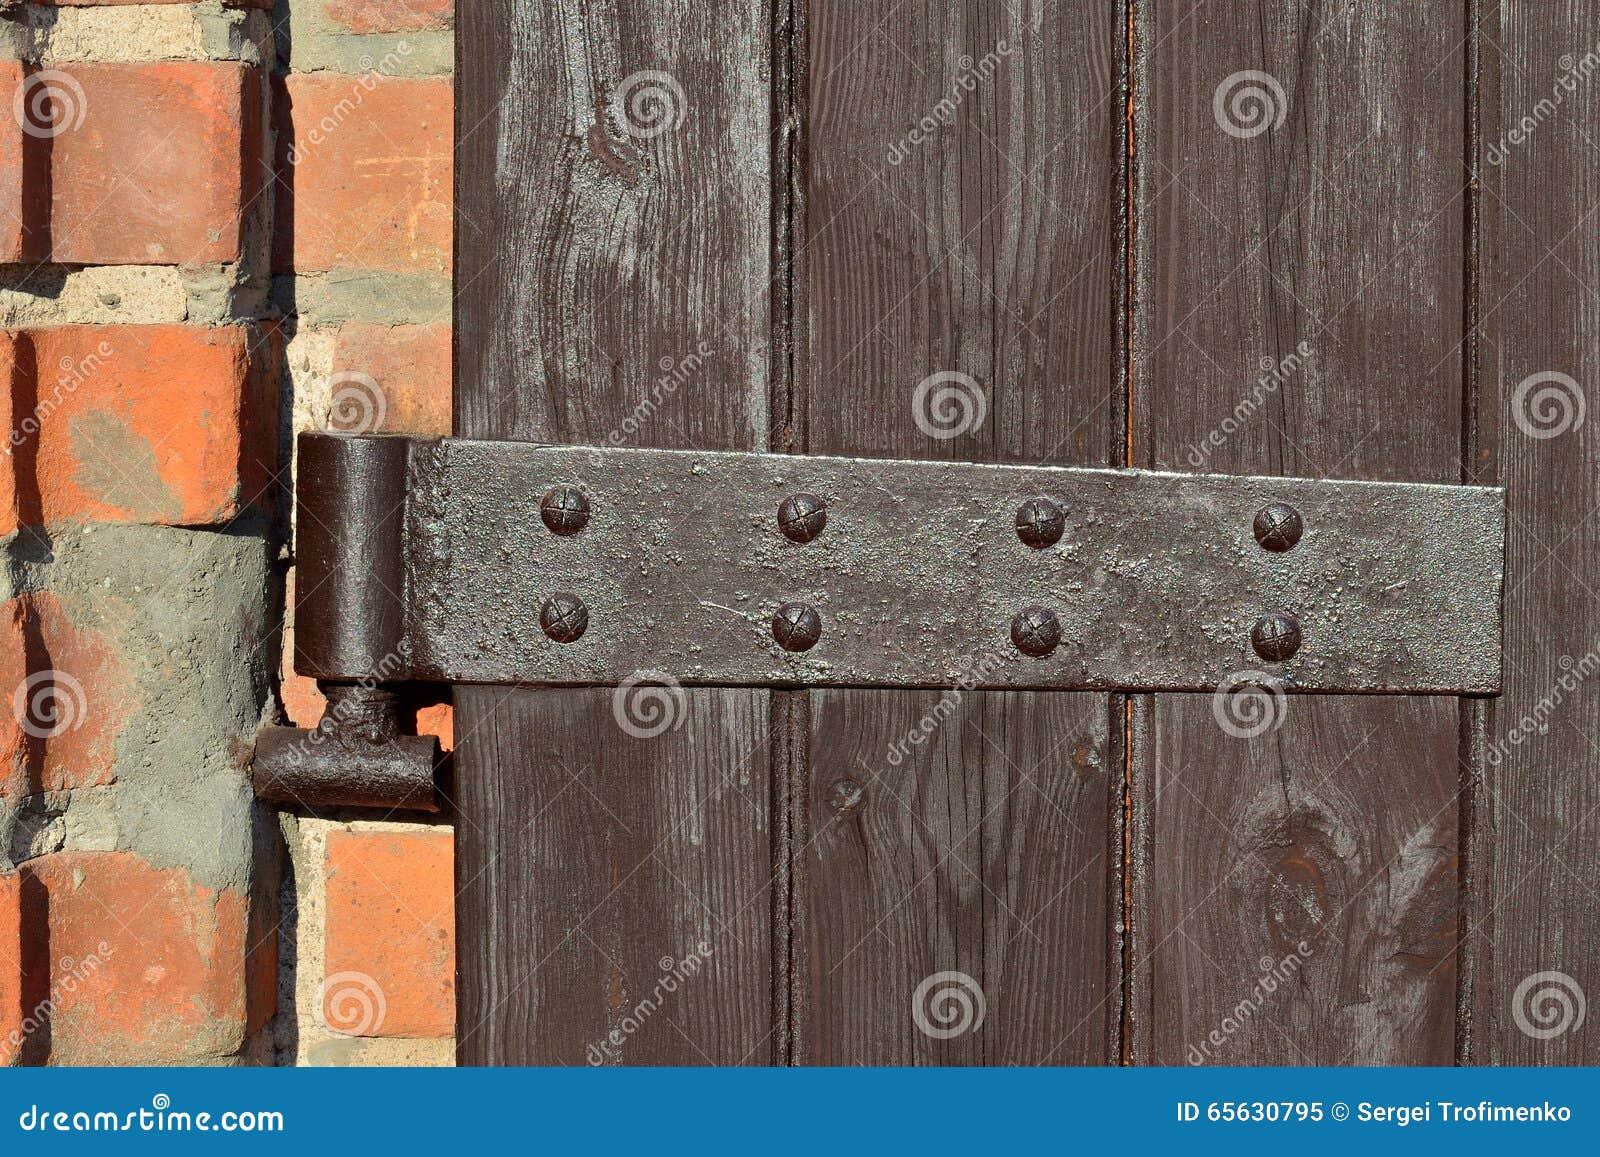 Cerniere Per Cancelli Di Legno : Cerniere per porte in legno antiche